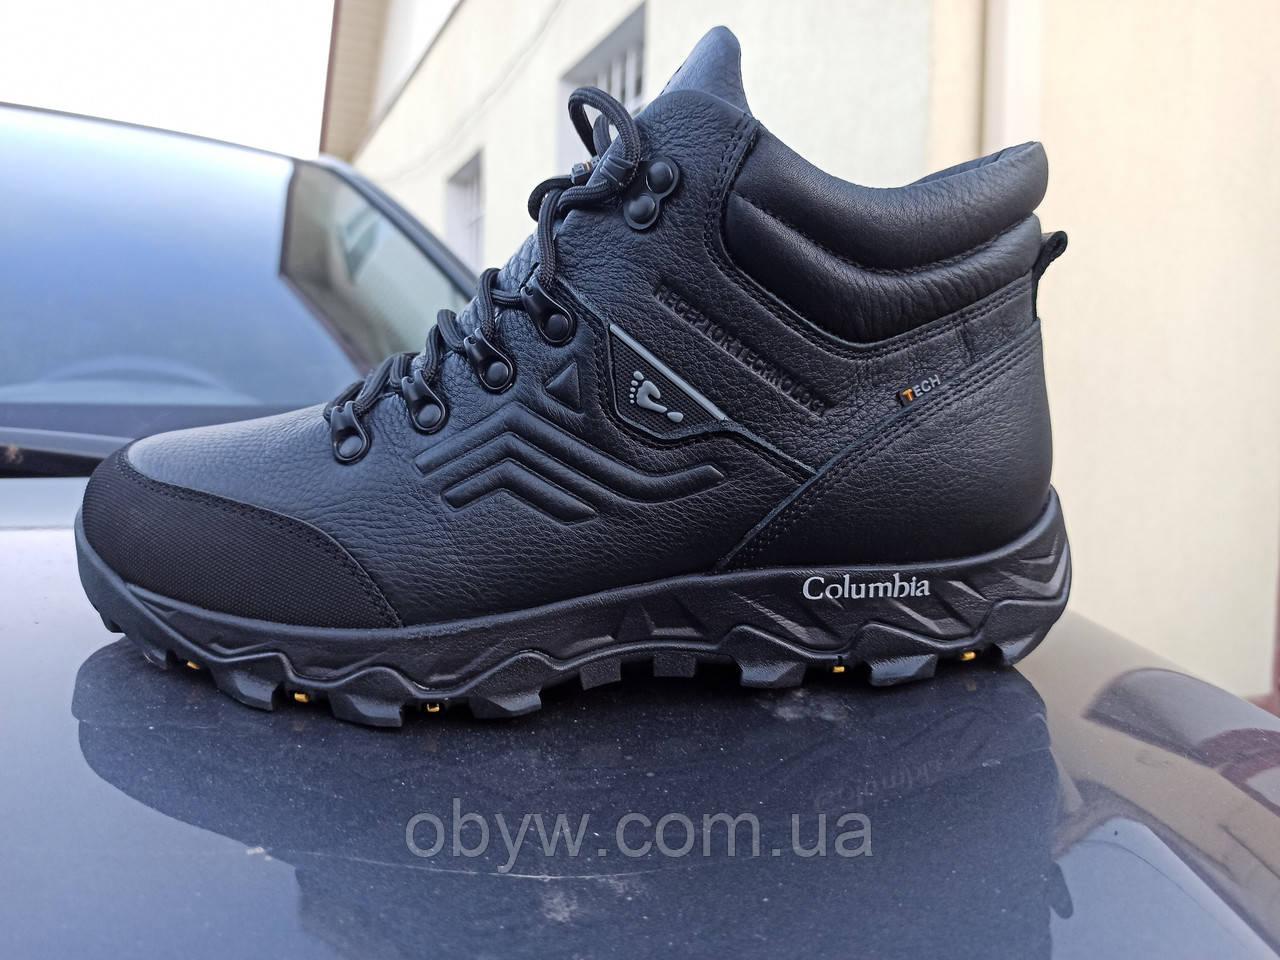 Зимние термо ботинки columbia ter-4045